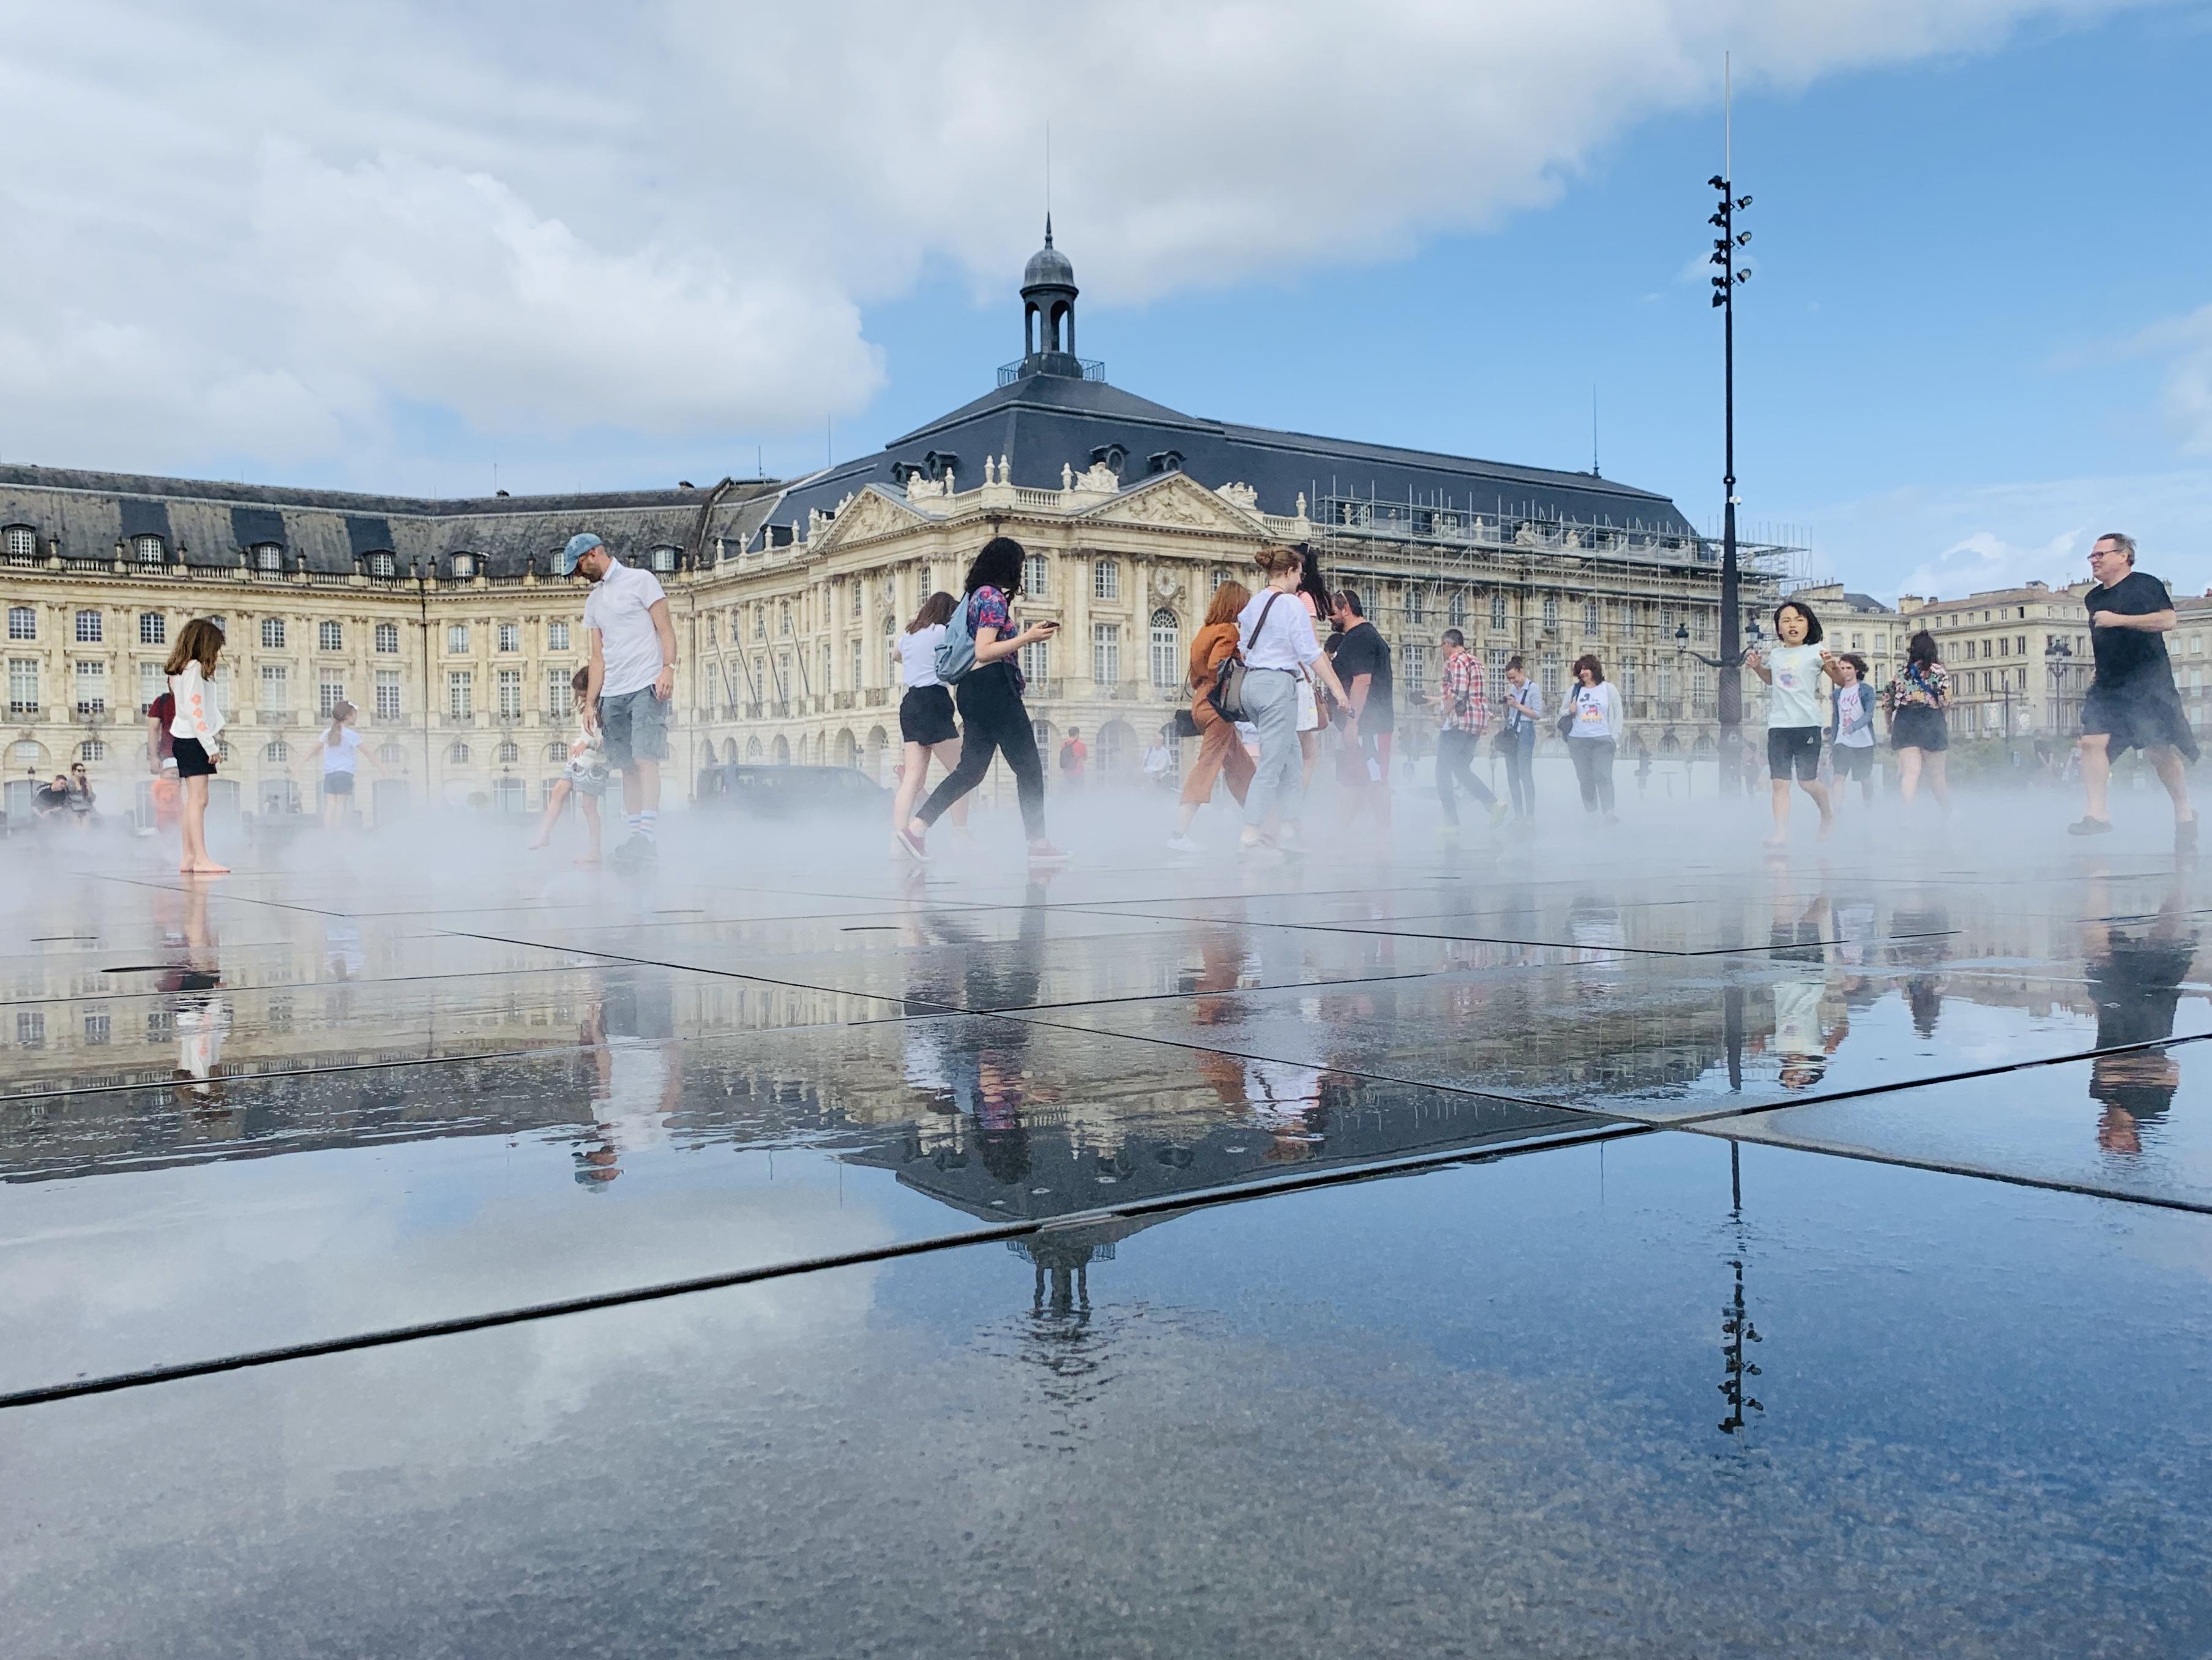 Europa Roadtrip 2019 - Bordeaux Le Miroir d'eau